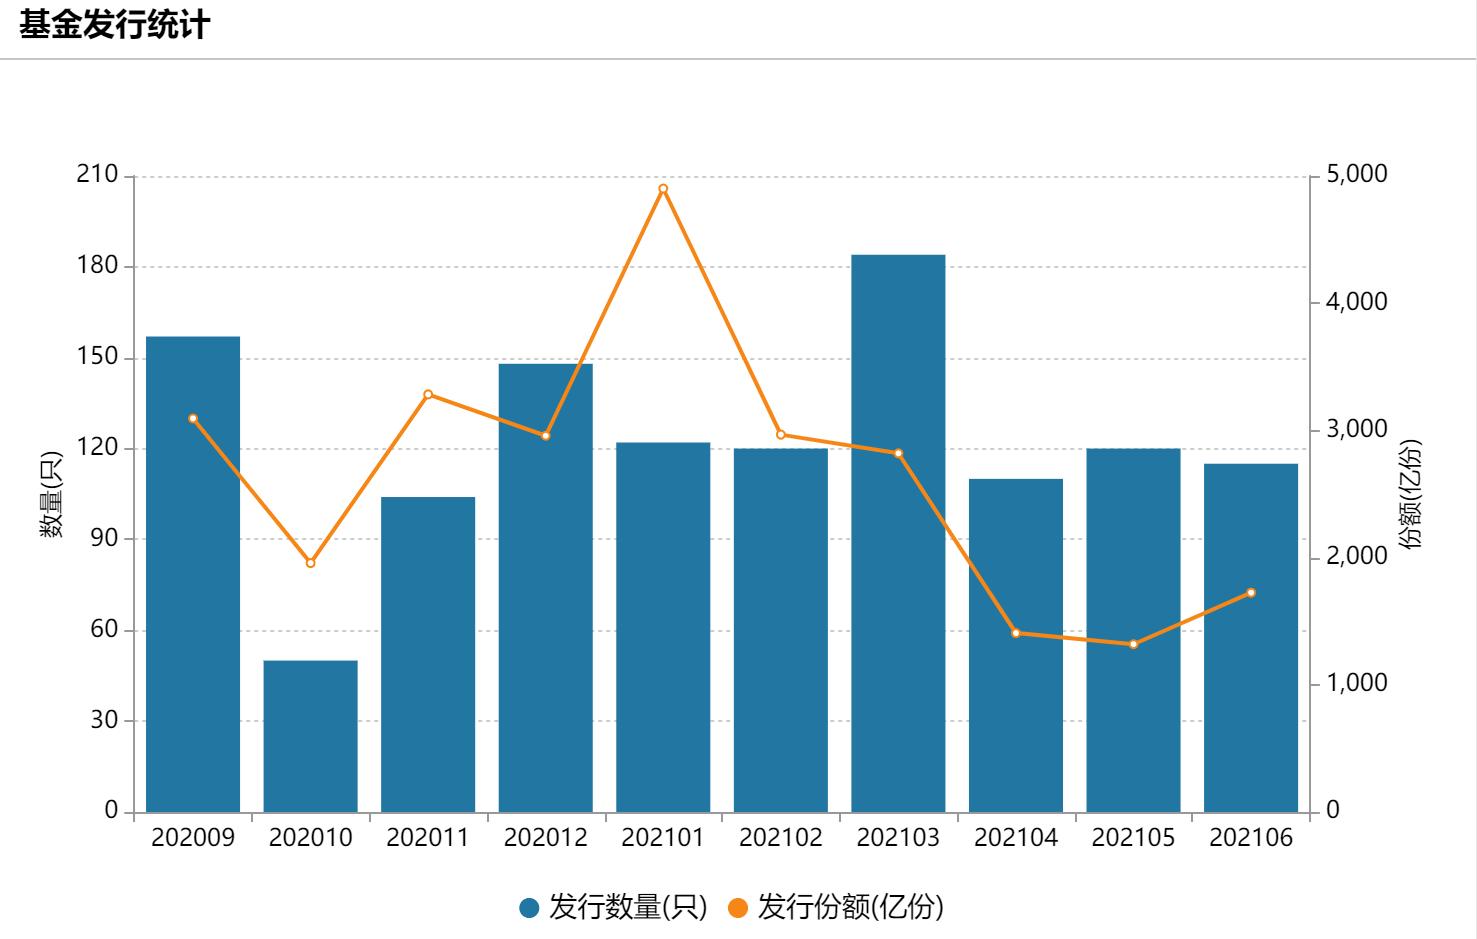 """公募""""半程业绩榜""""正浮出水面,广发多因子与宝盈优势产业大概率PK,23万亿总规模连续7个月刷新高"""